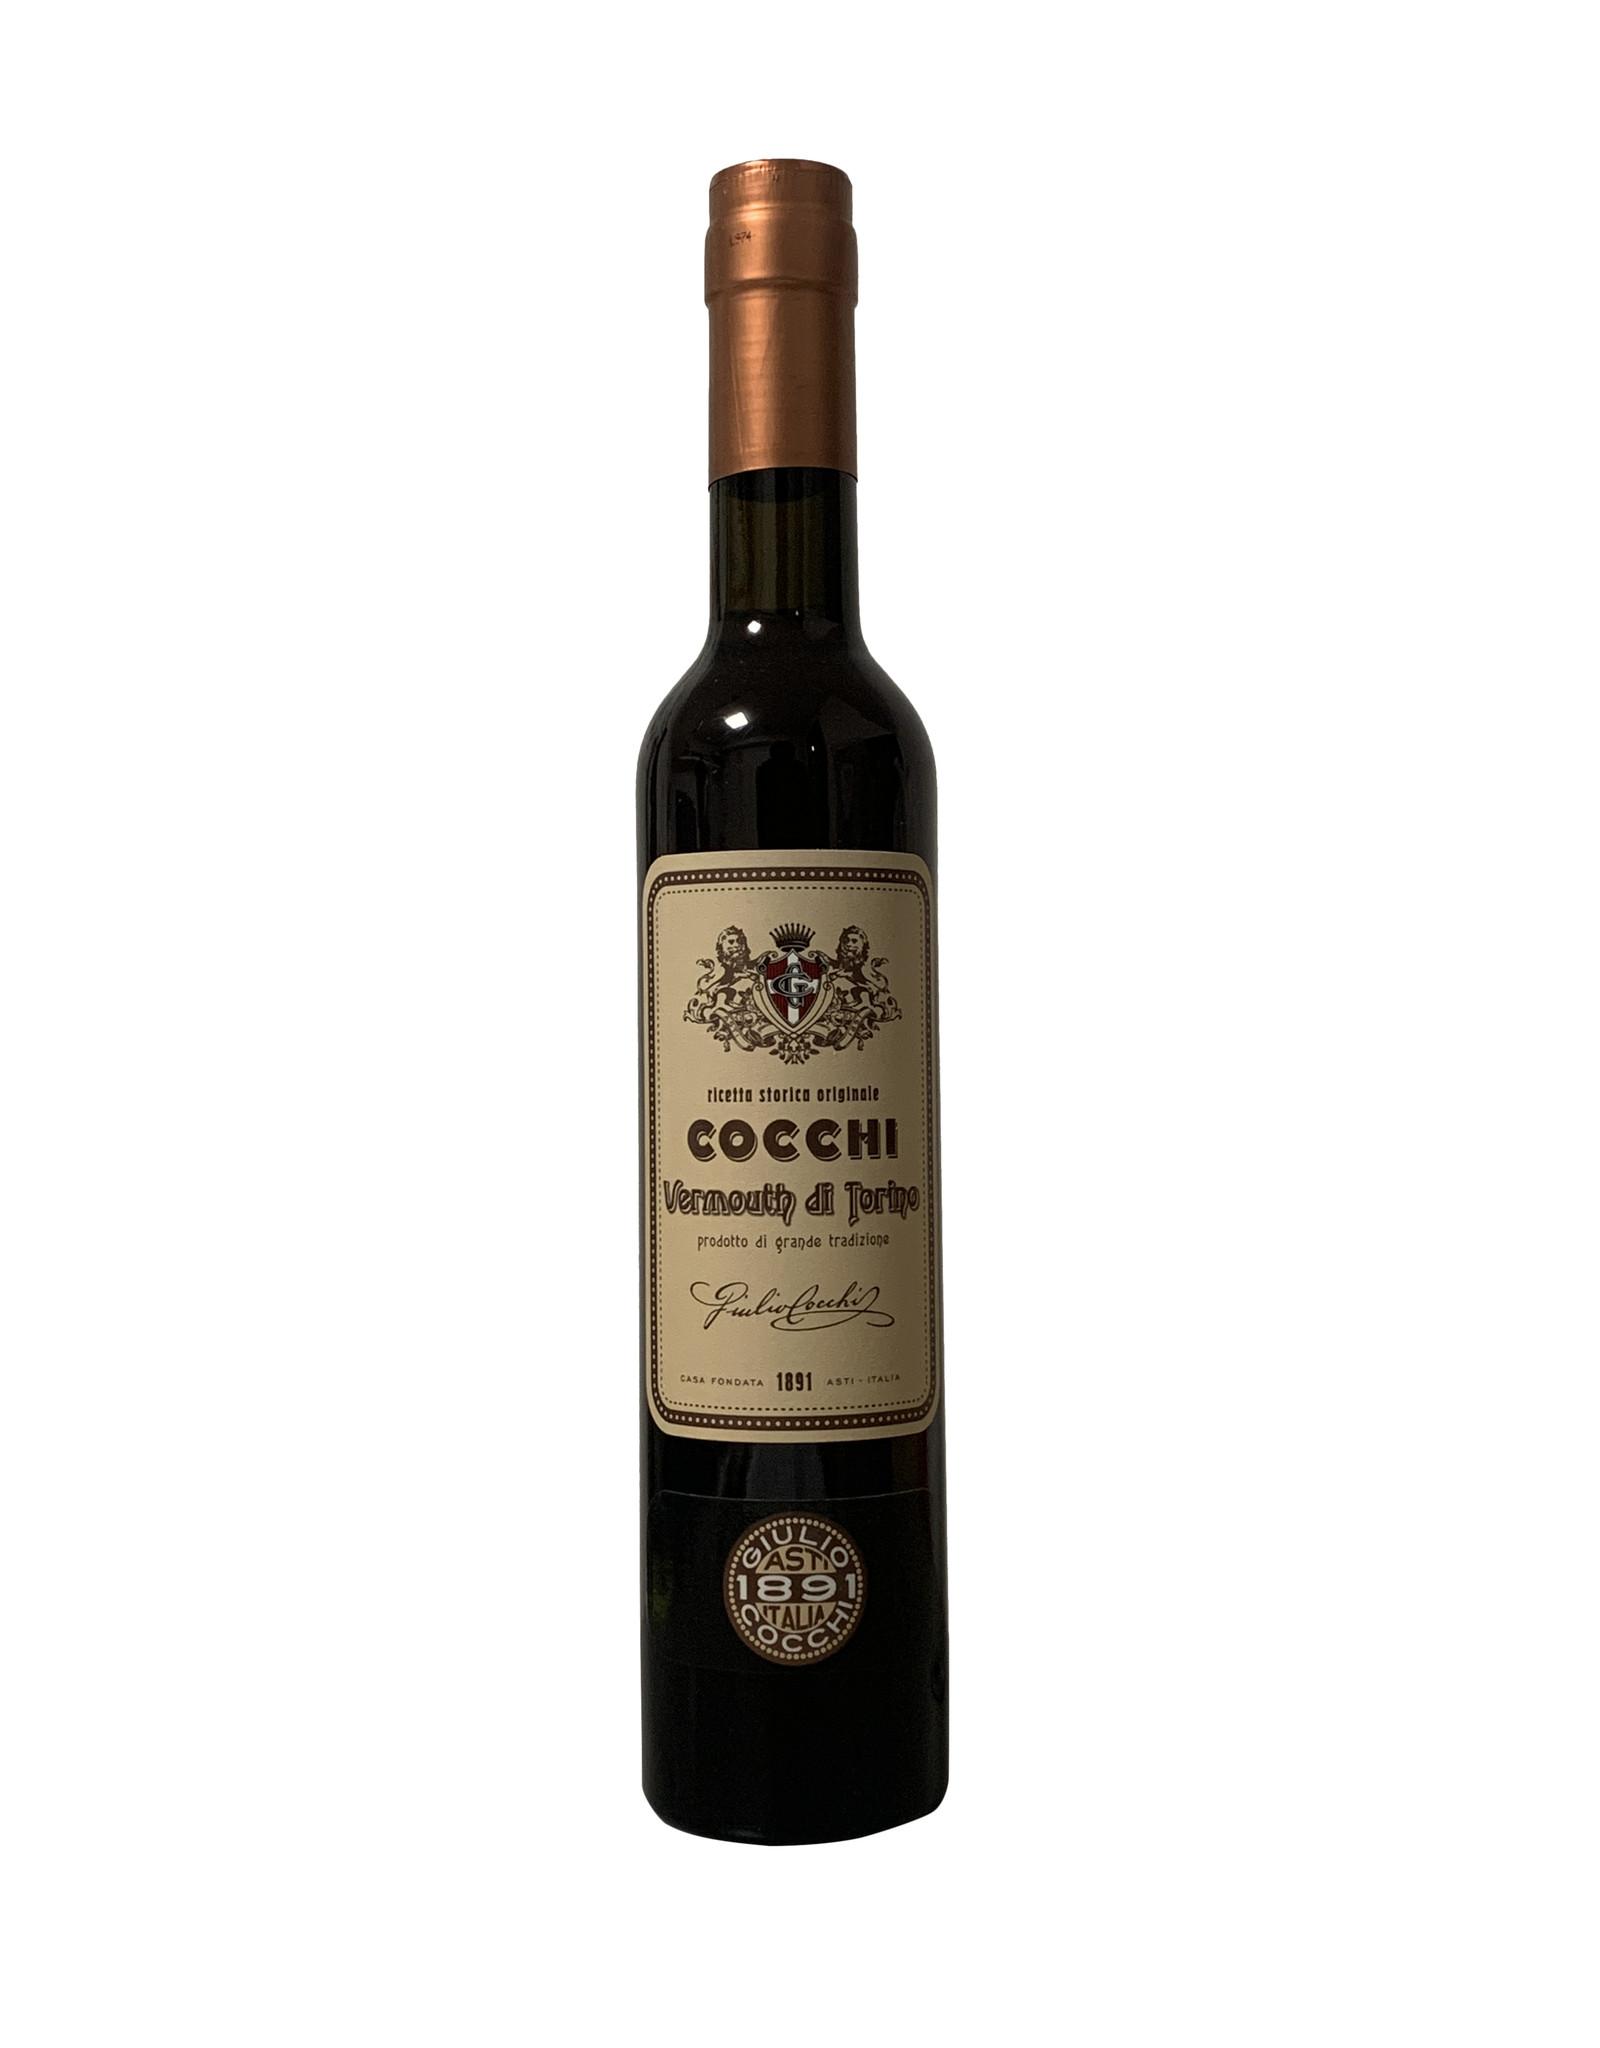 Cocchi Cocchi Vermouth di Torino, Italy (375ml)